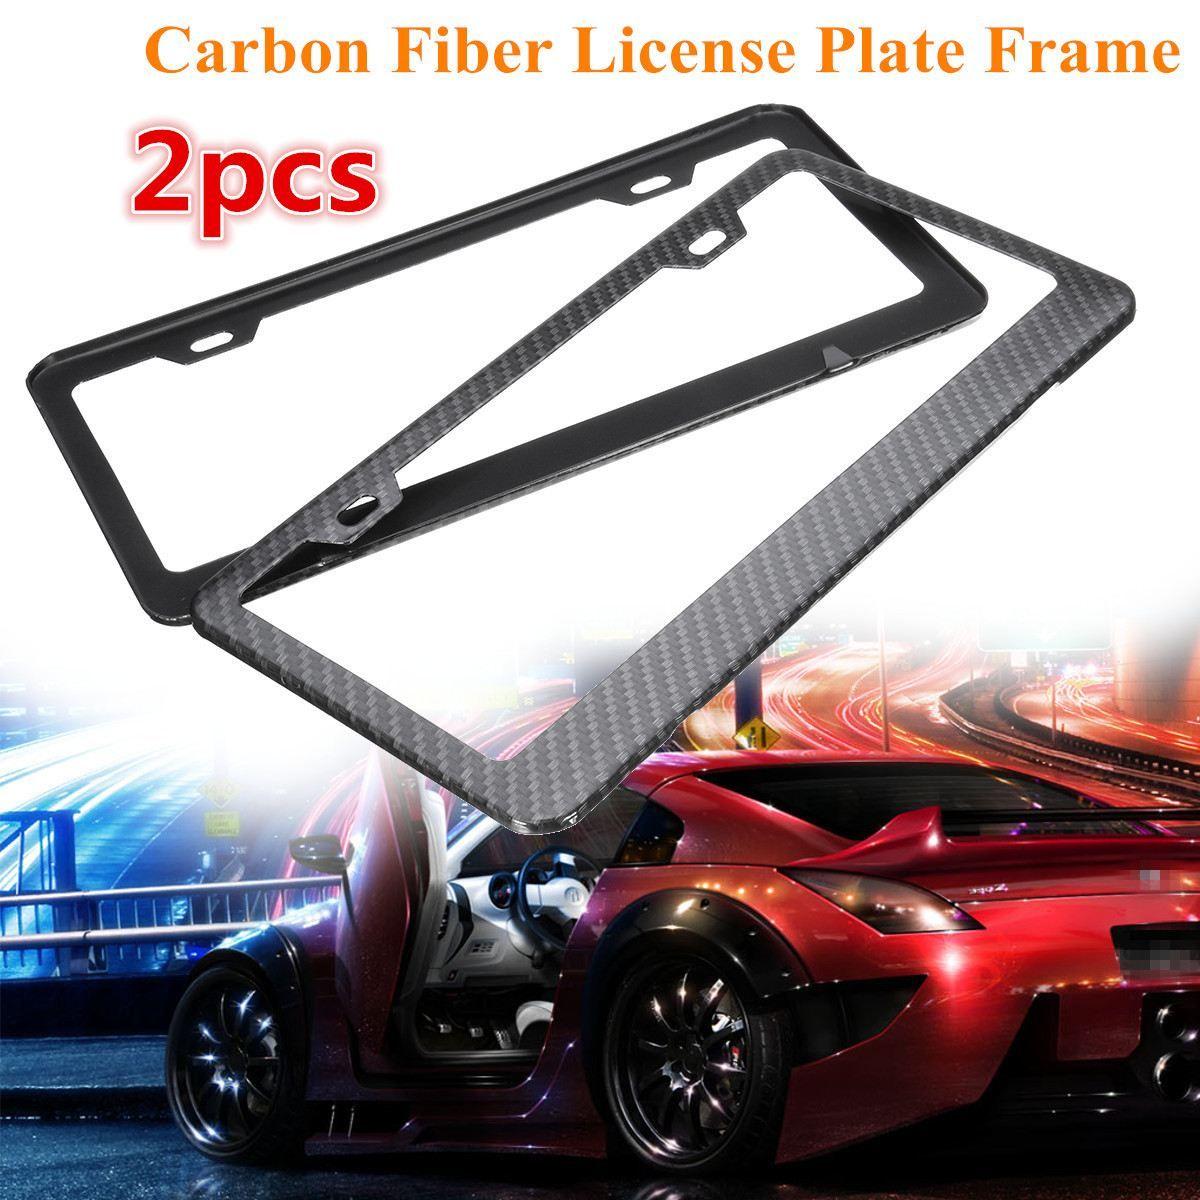 2x Universal Car Front Rear Carbon Fiber License Plate Frame Holder ...